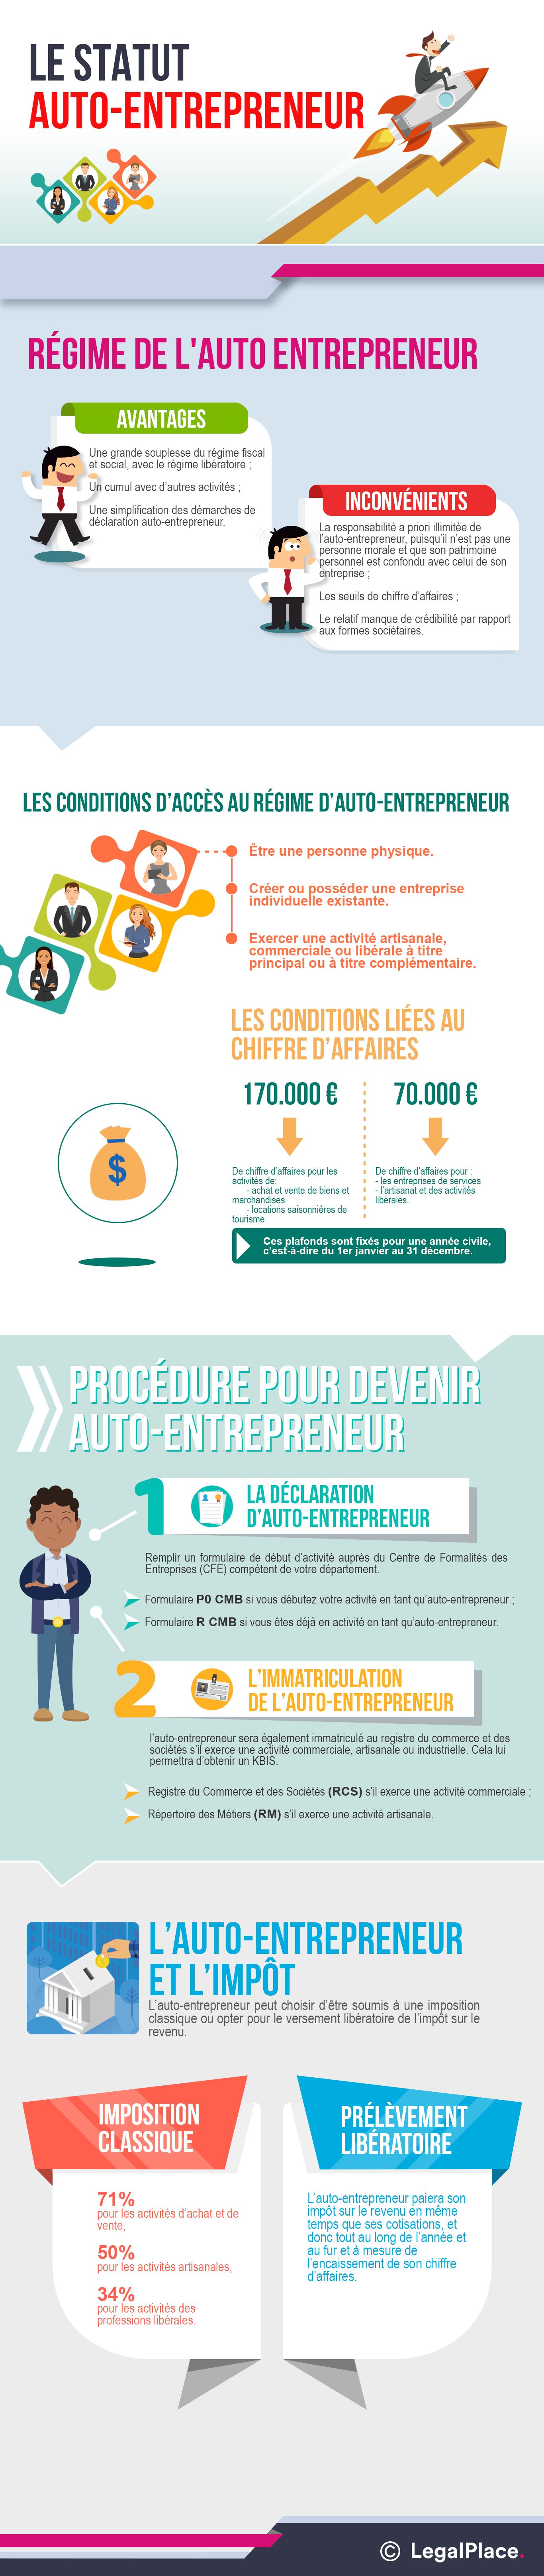 Statut Auto Entrepreneur Tout Ce Que Vous Devez Savoir 2019